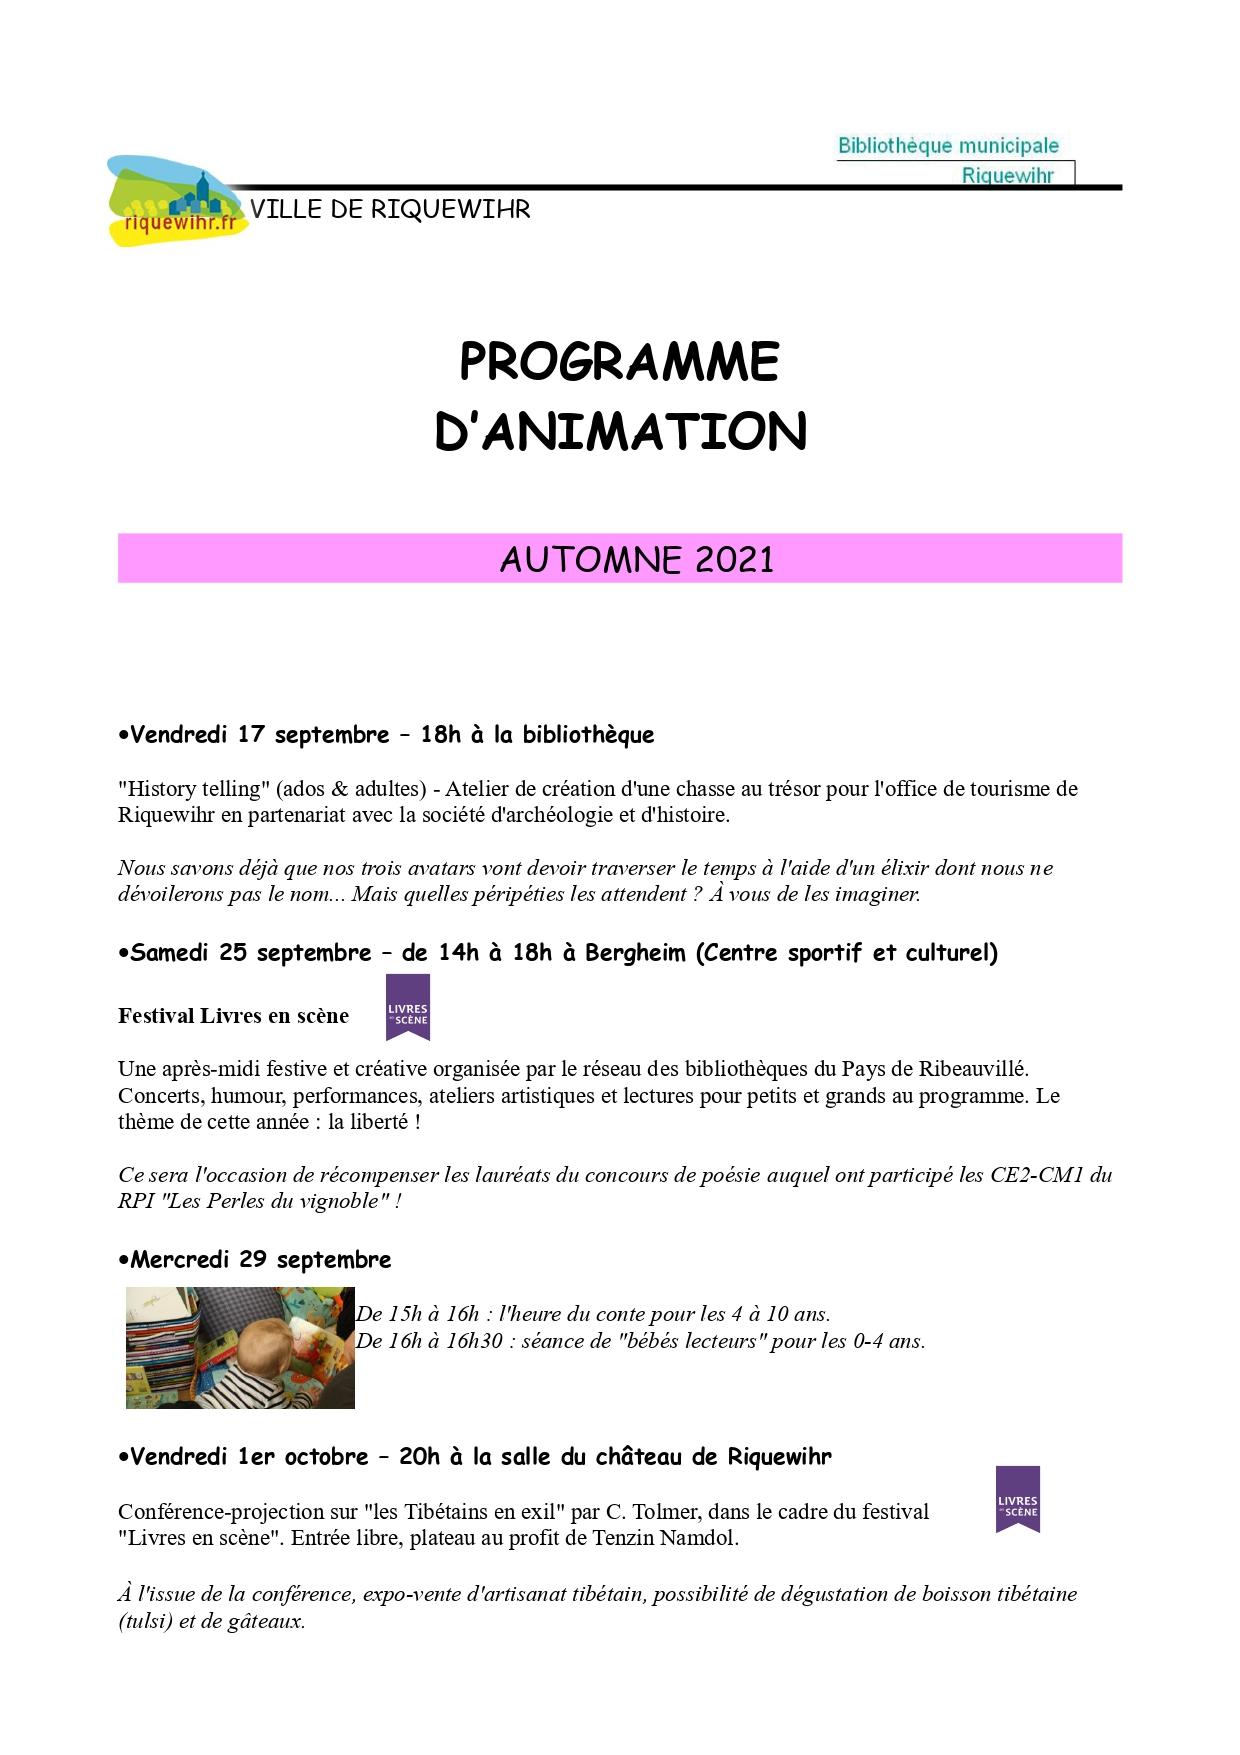 prog_verti_anim_biblio_Riq_automne2021_pages-to-jpg-0001.jpg